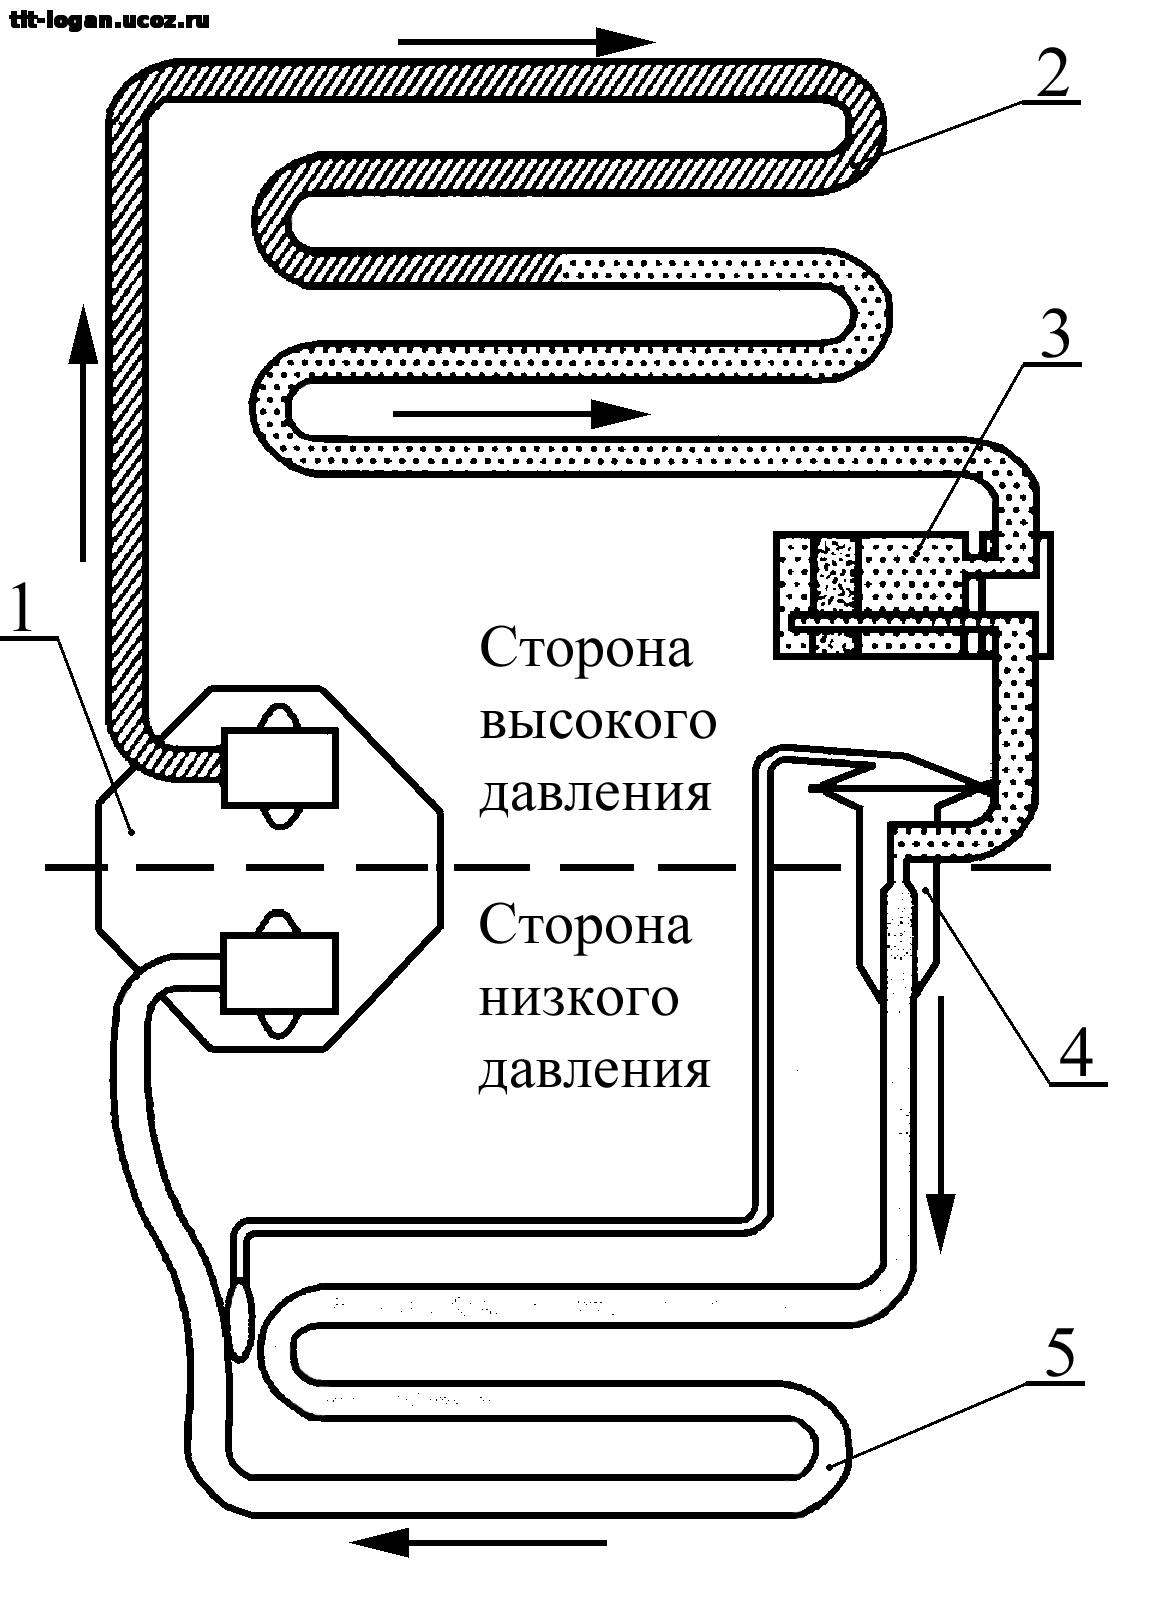 Схема кондиционирования шевроле-нива